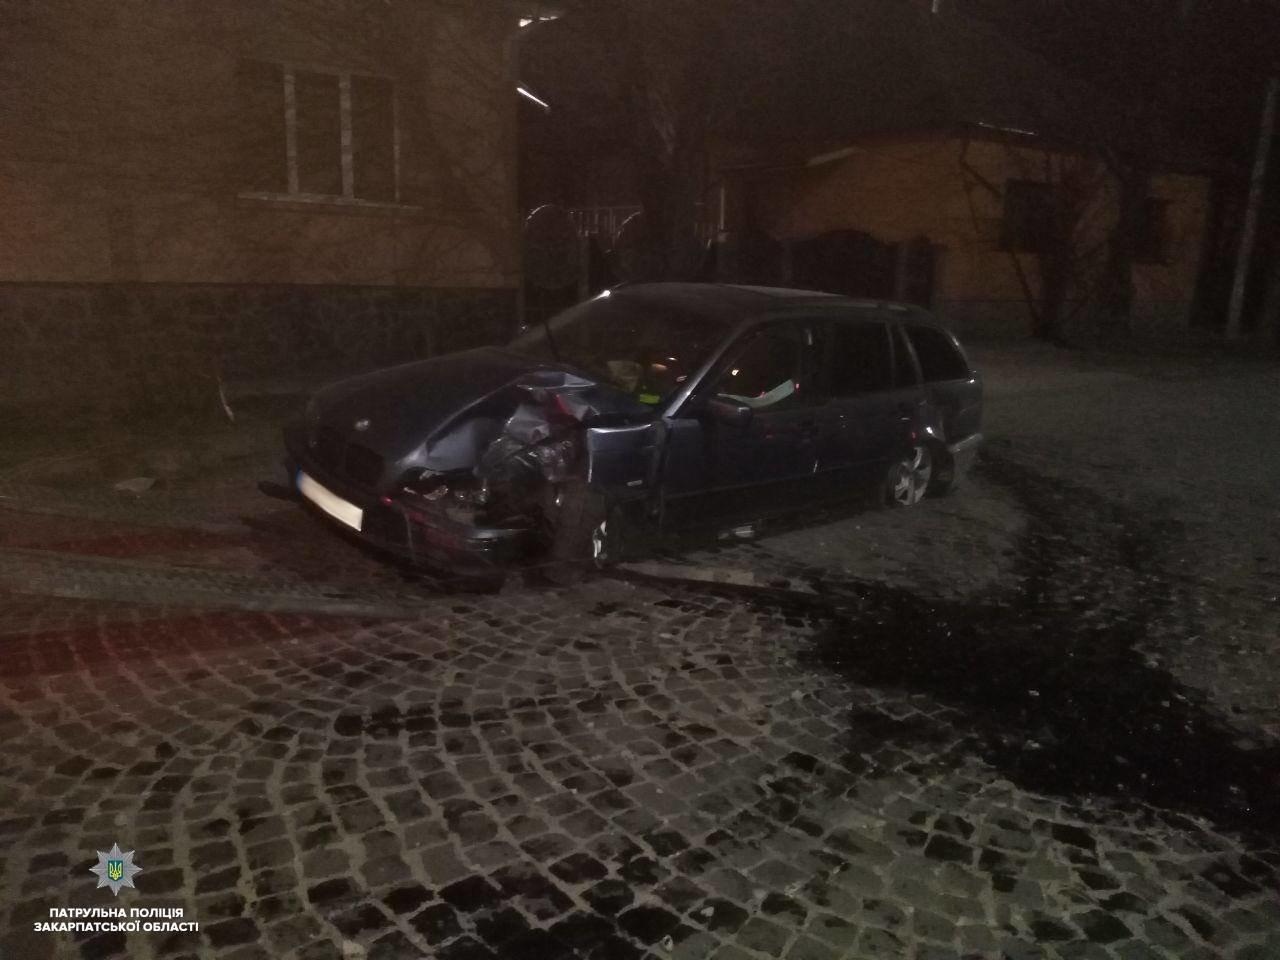 Закарпатець розбив автівку, зіткнувшись на швидкості з деревом (ФОТО), фото-1